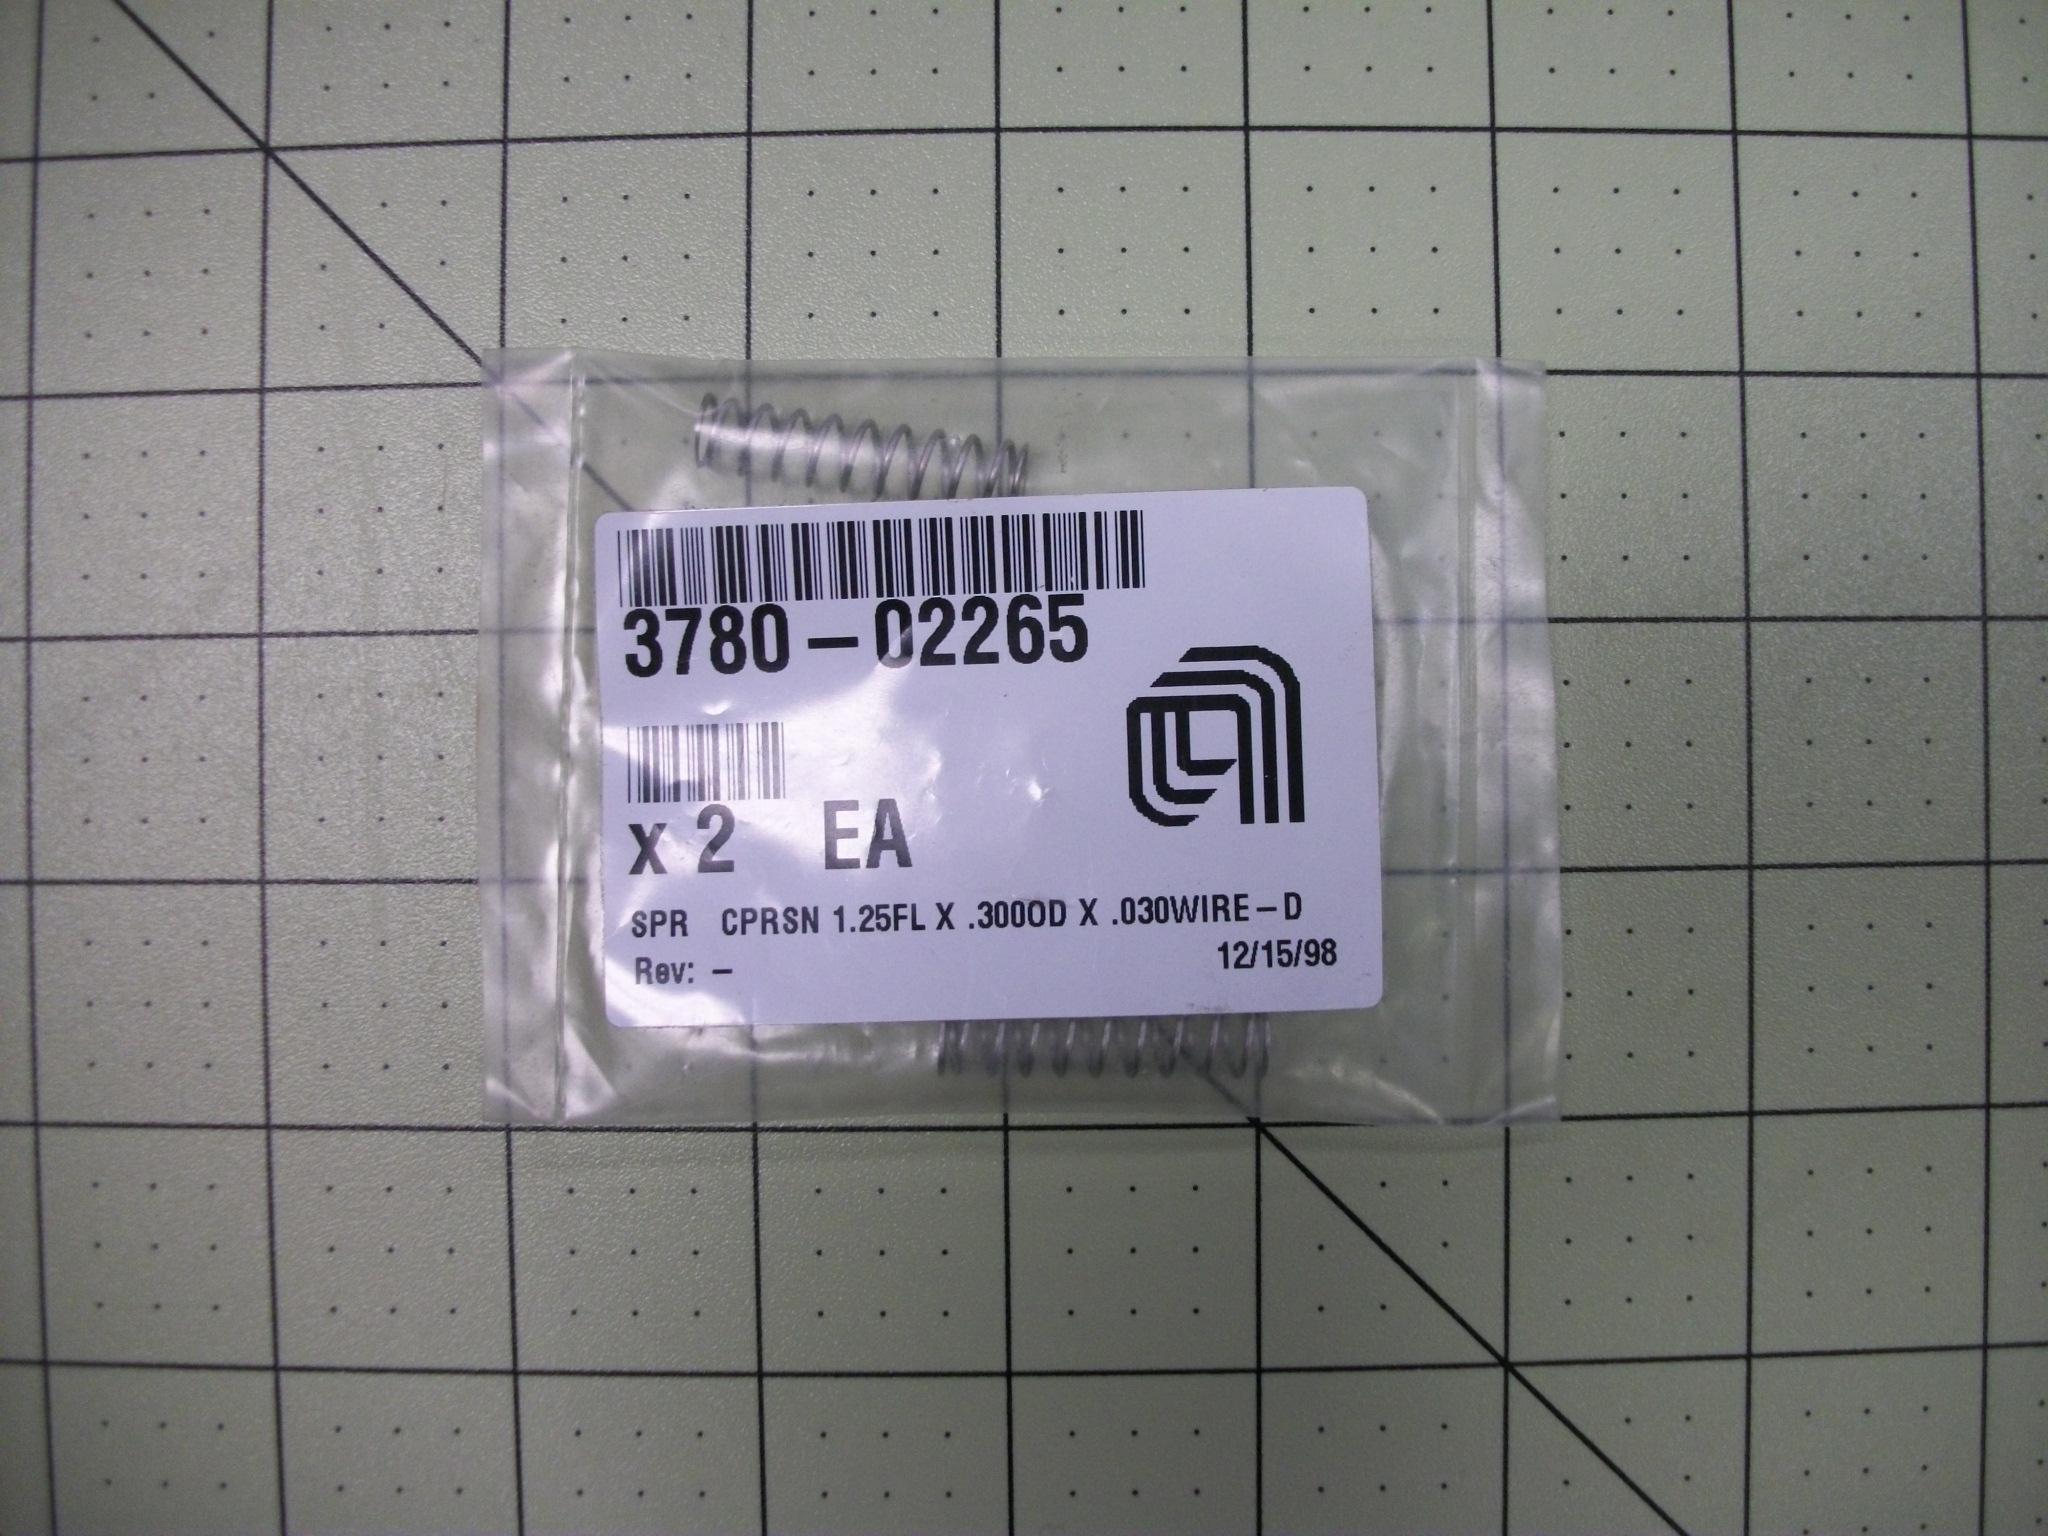 SPR CPRSN 1.25FL X .300OD X .030wire–D